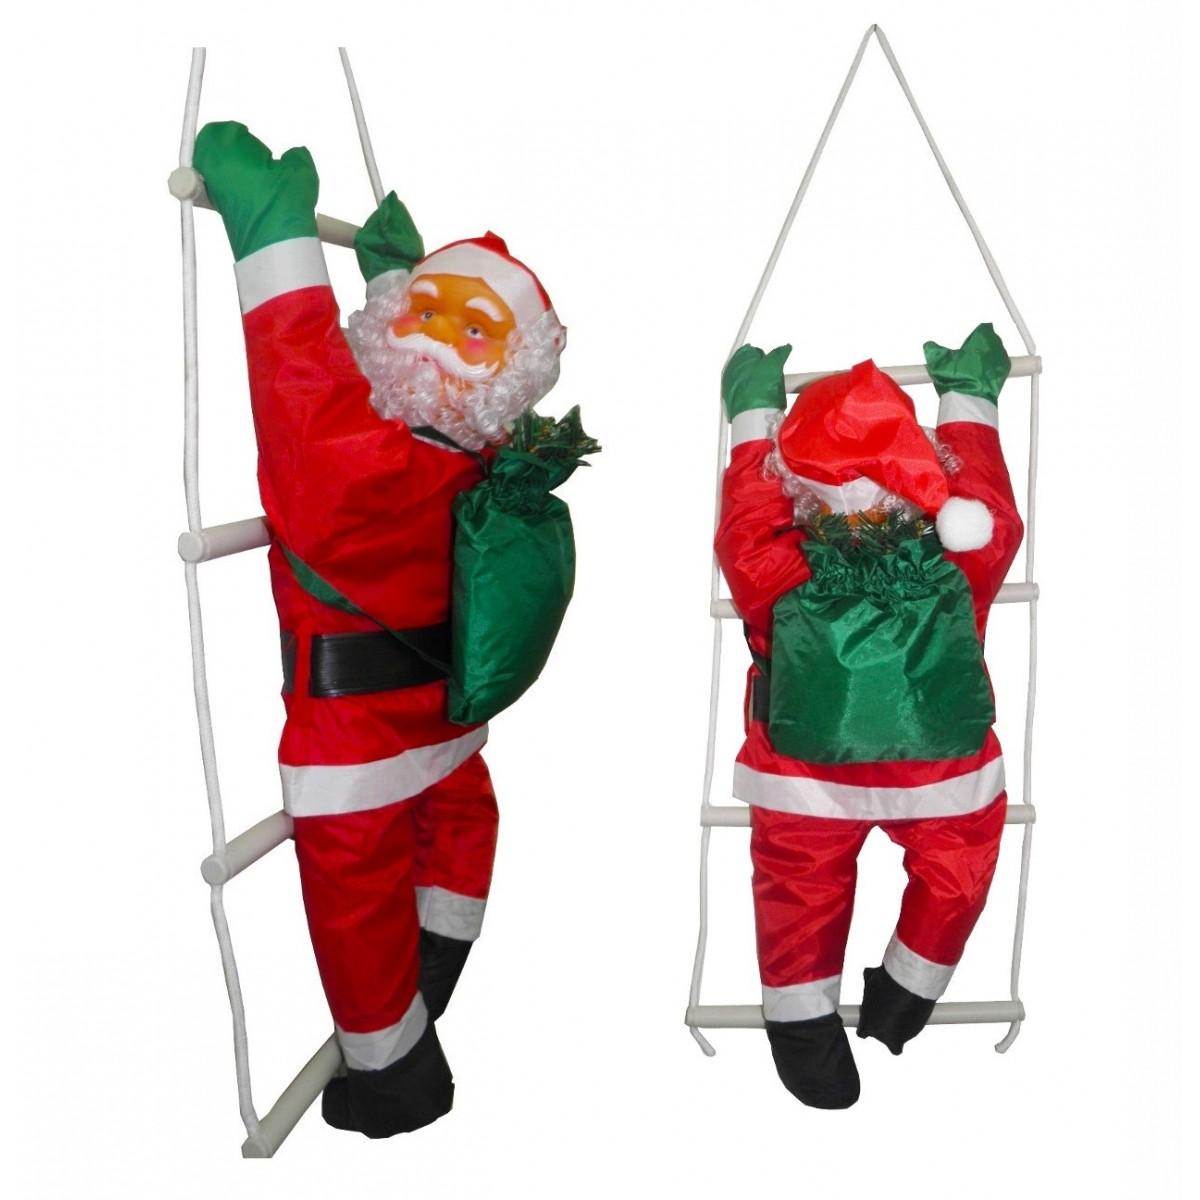 Papai Noel Subindo Escada Natal Decoracao Grande 74 cm Altura Natalino (BSL-36041-11)